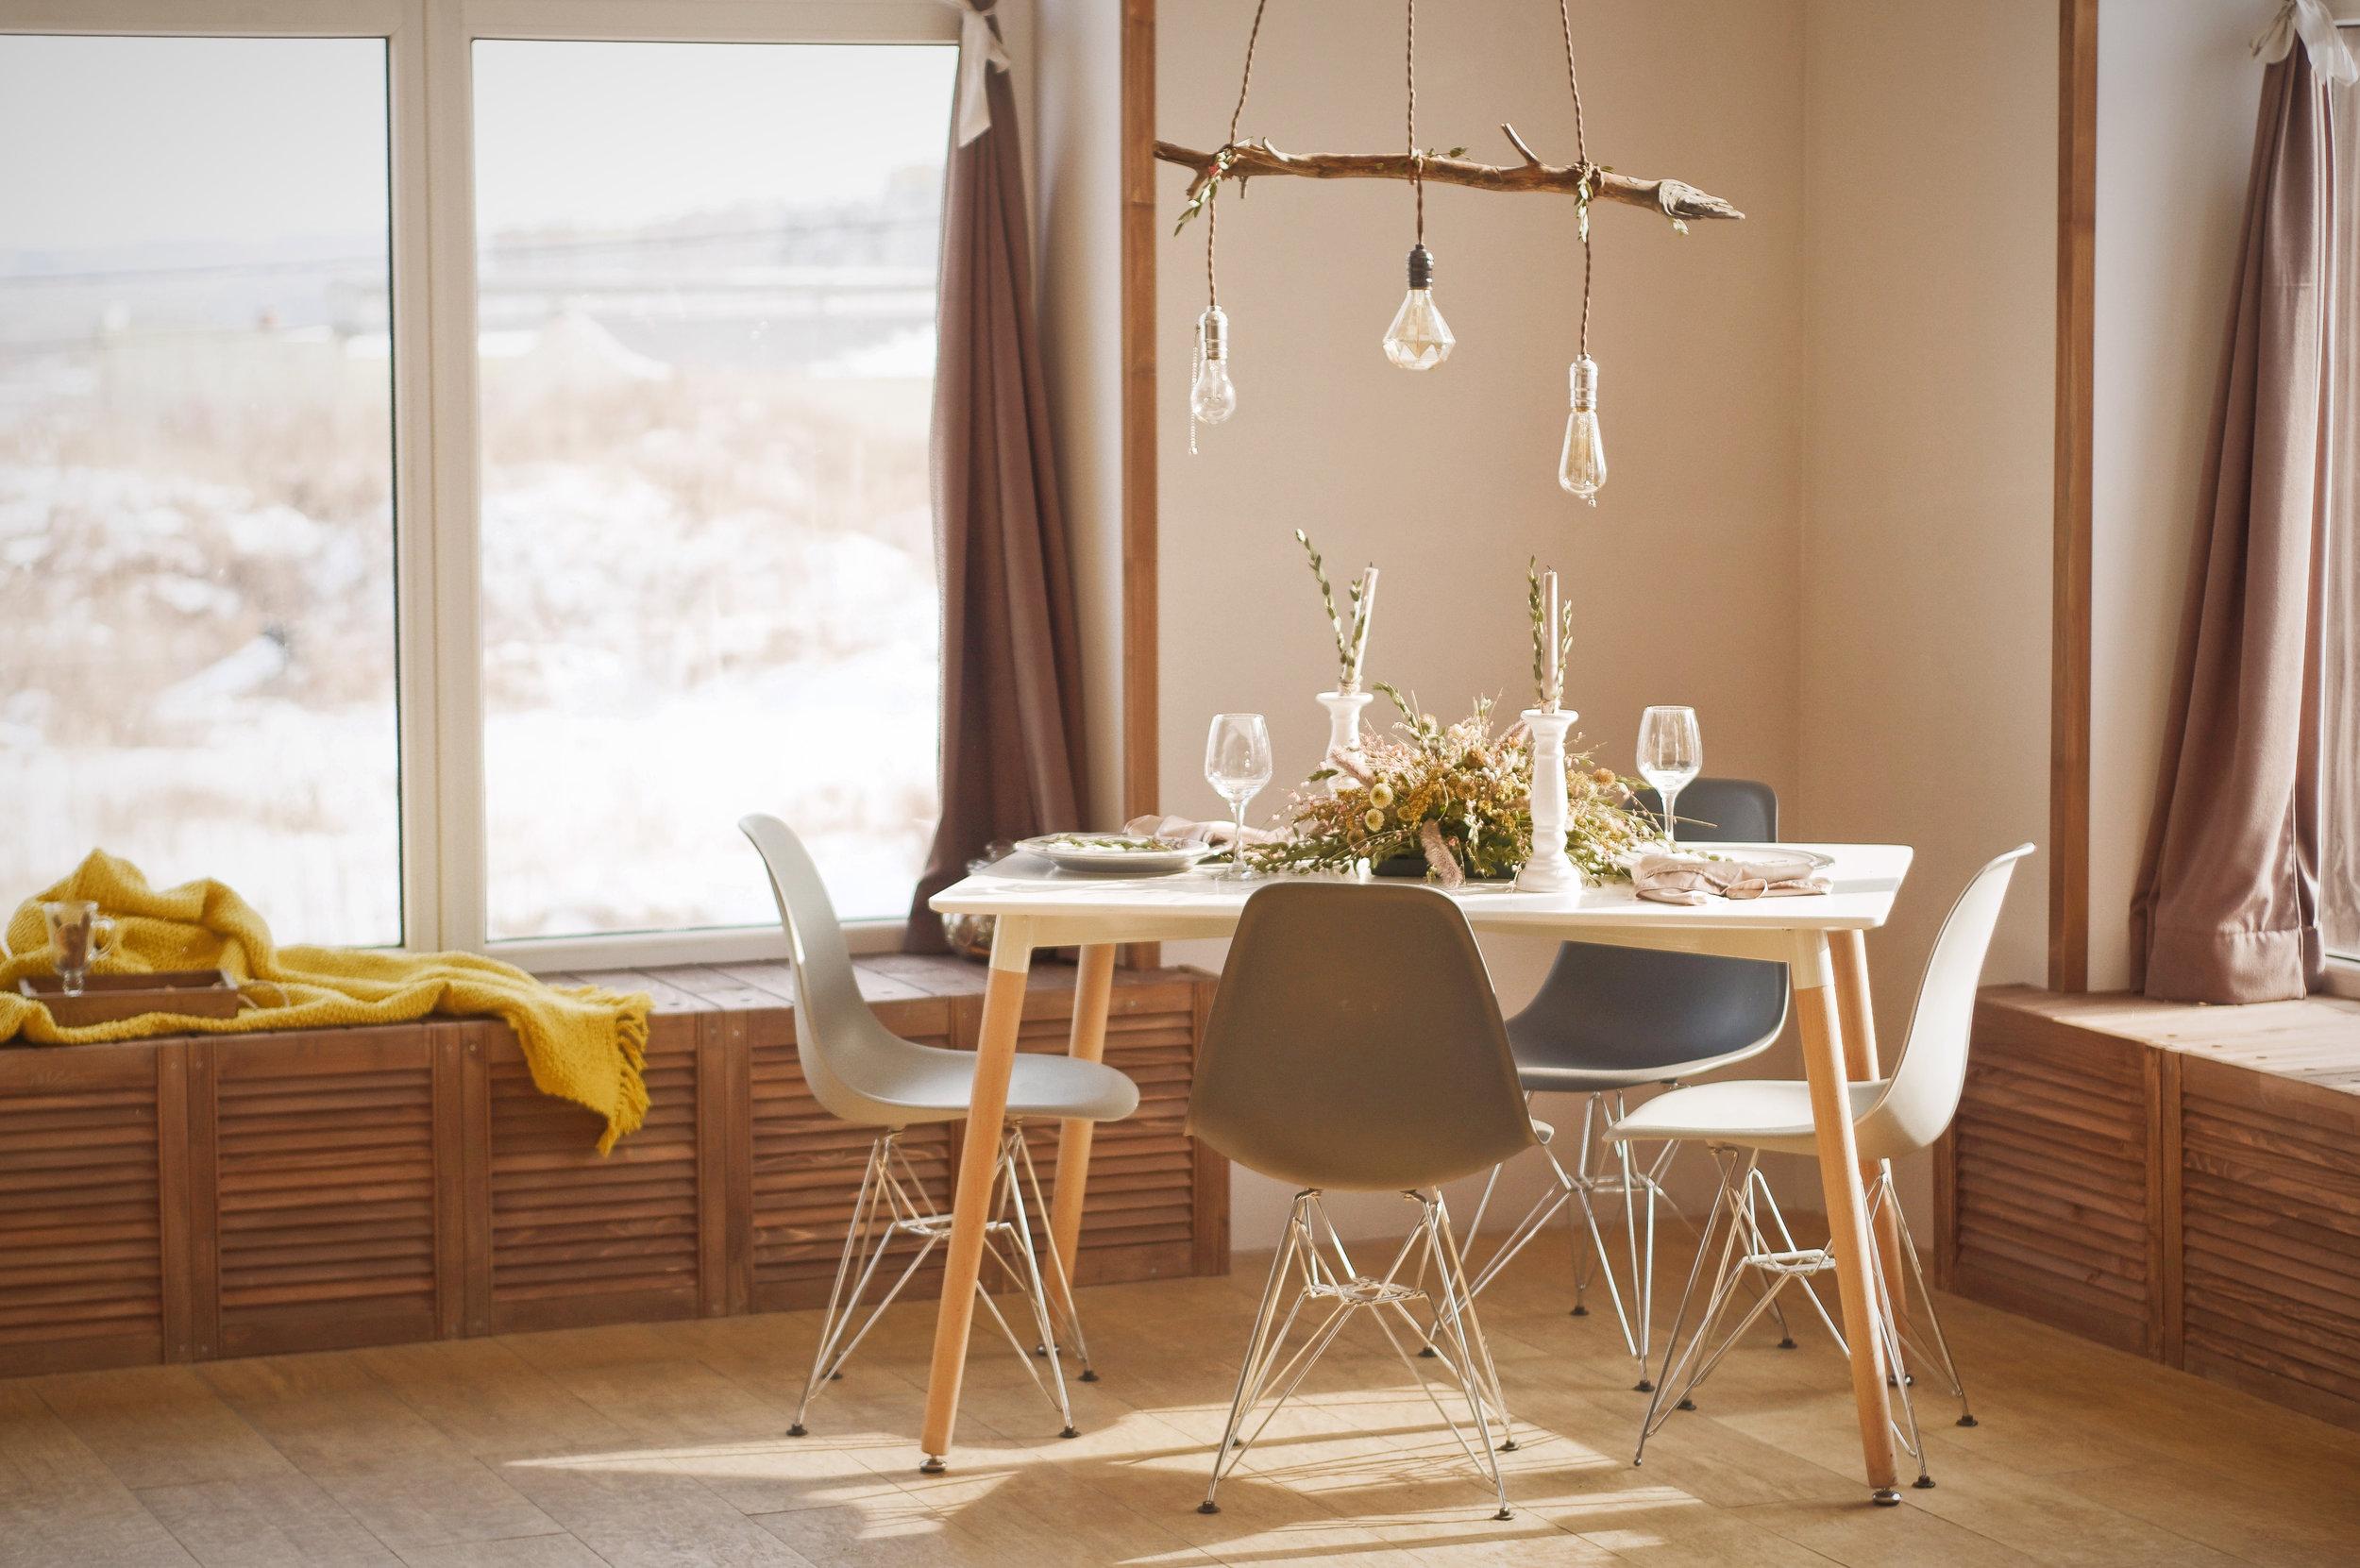 Decoración - Ideal para la puesta en escena en ventas, preparación para propiedades de alquiler o su primera vivienda. Este servicio mejora las practicidad y el aspecto general de los espacios desgastados.